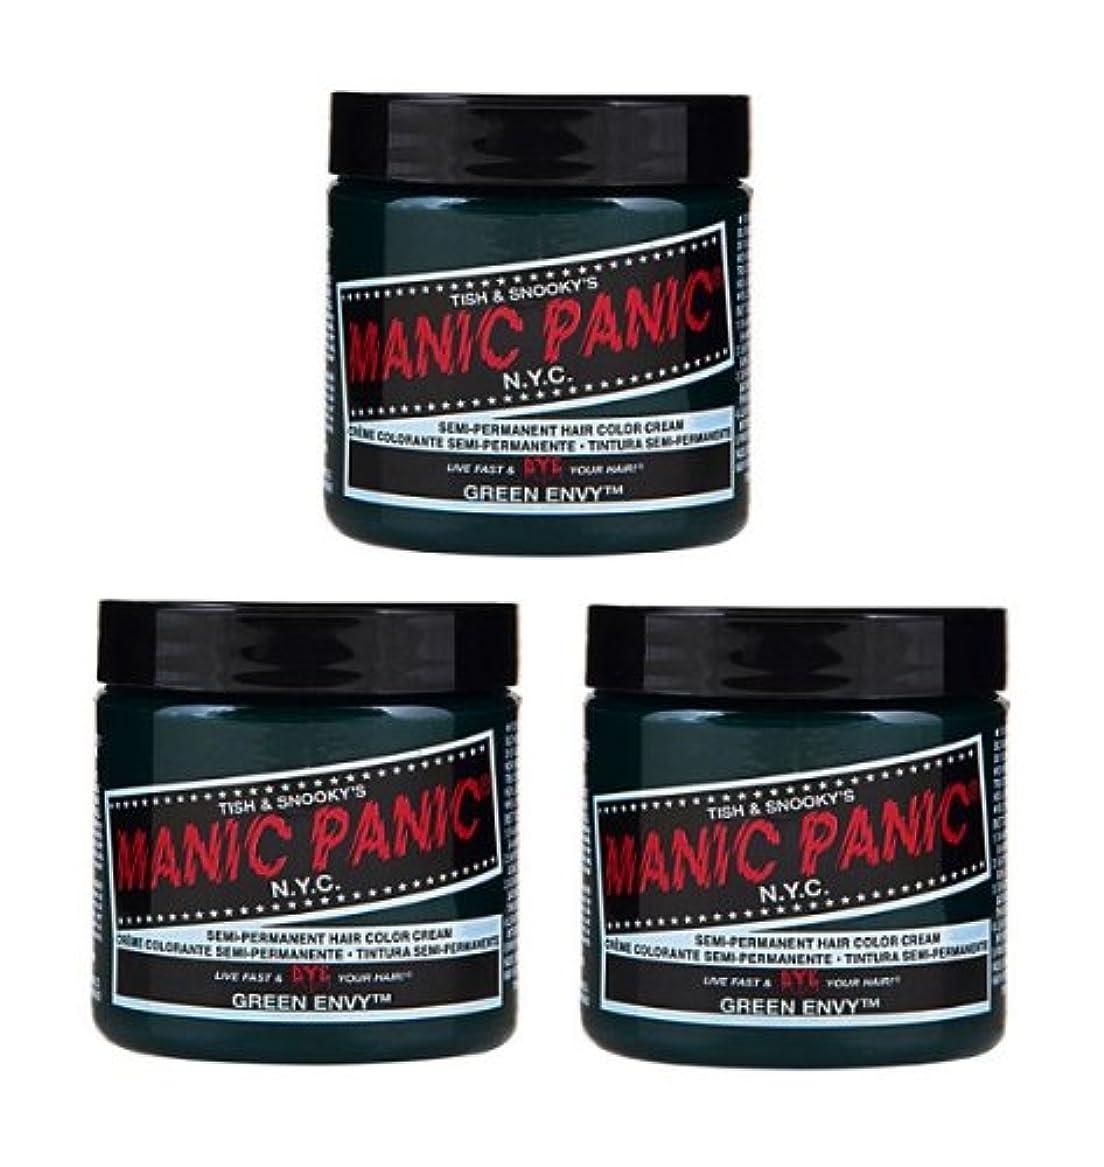 変えるセラーこっそり【3個セット】MANIC PANIC マニックパニック Green Envy グリーンエンヴィ 118ml